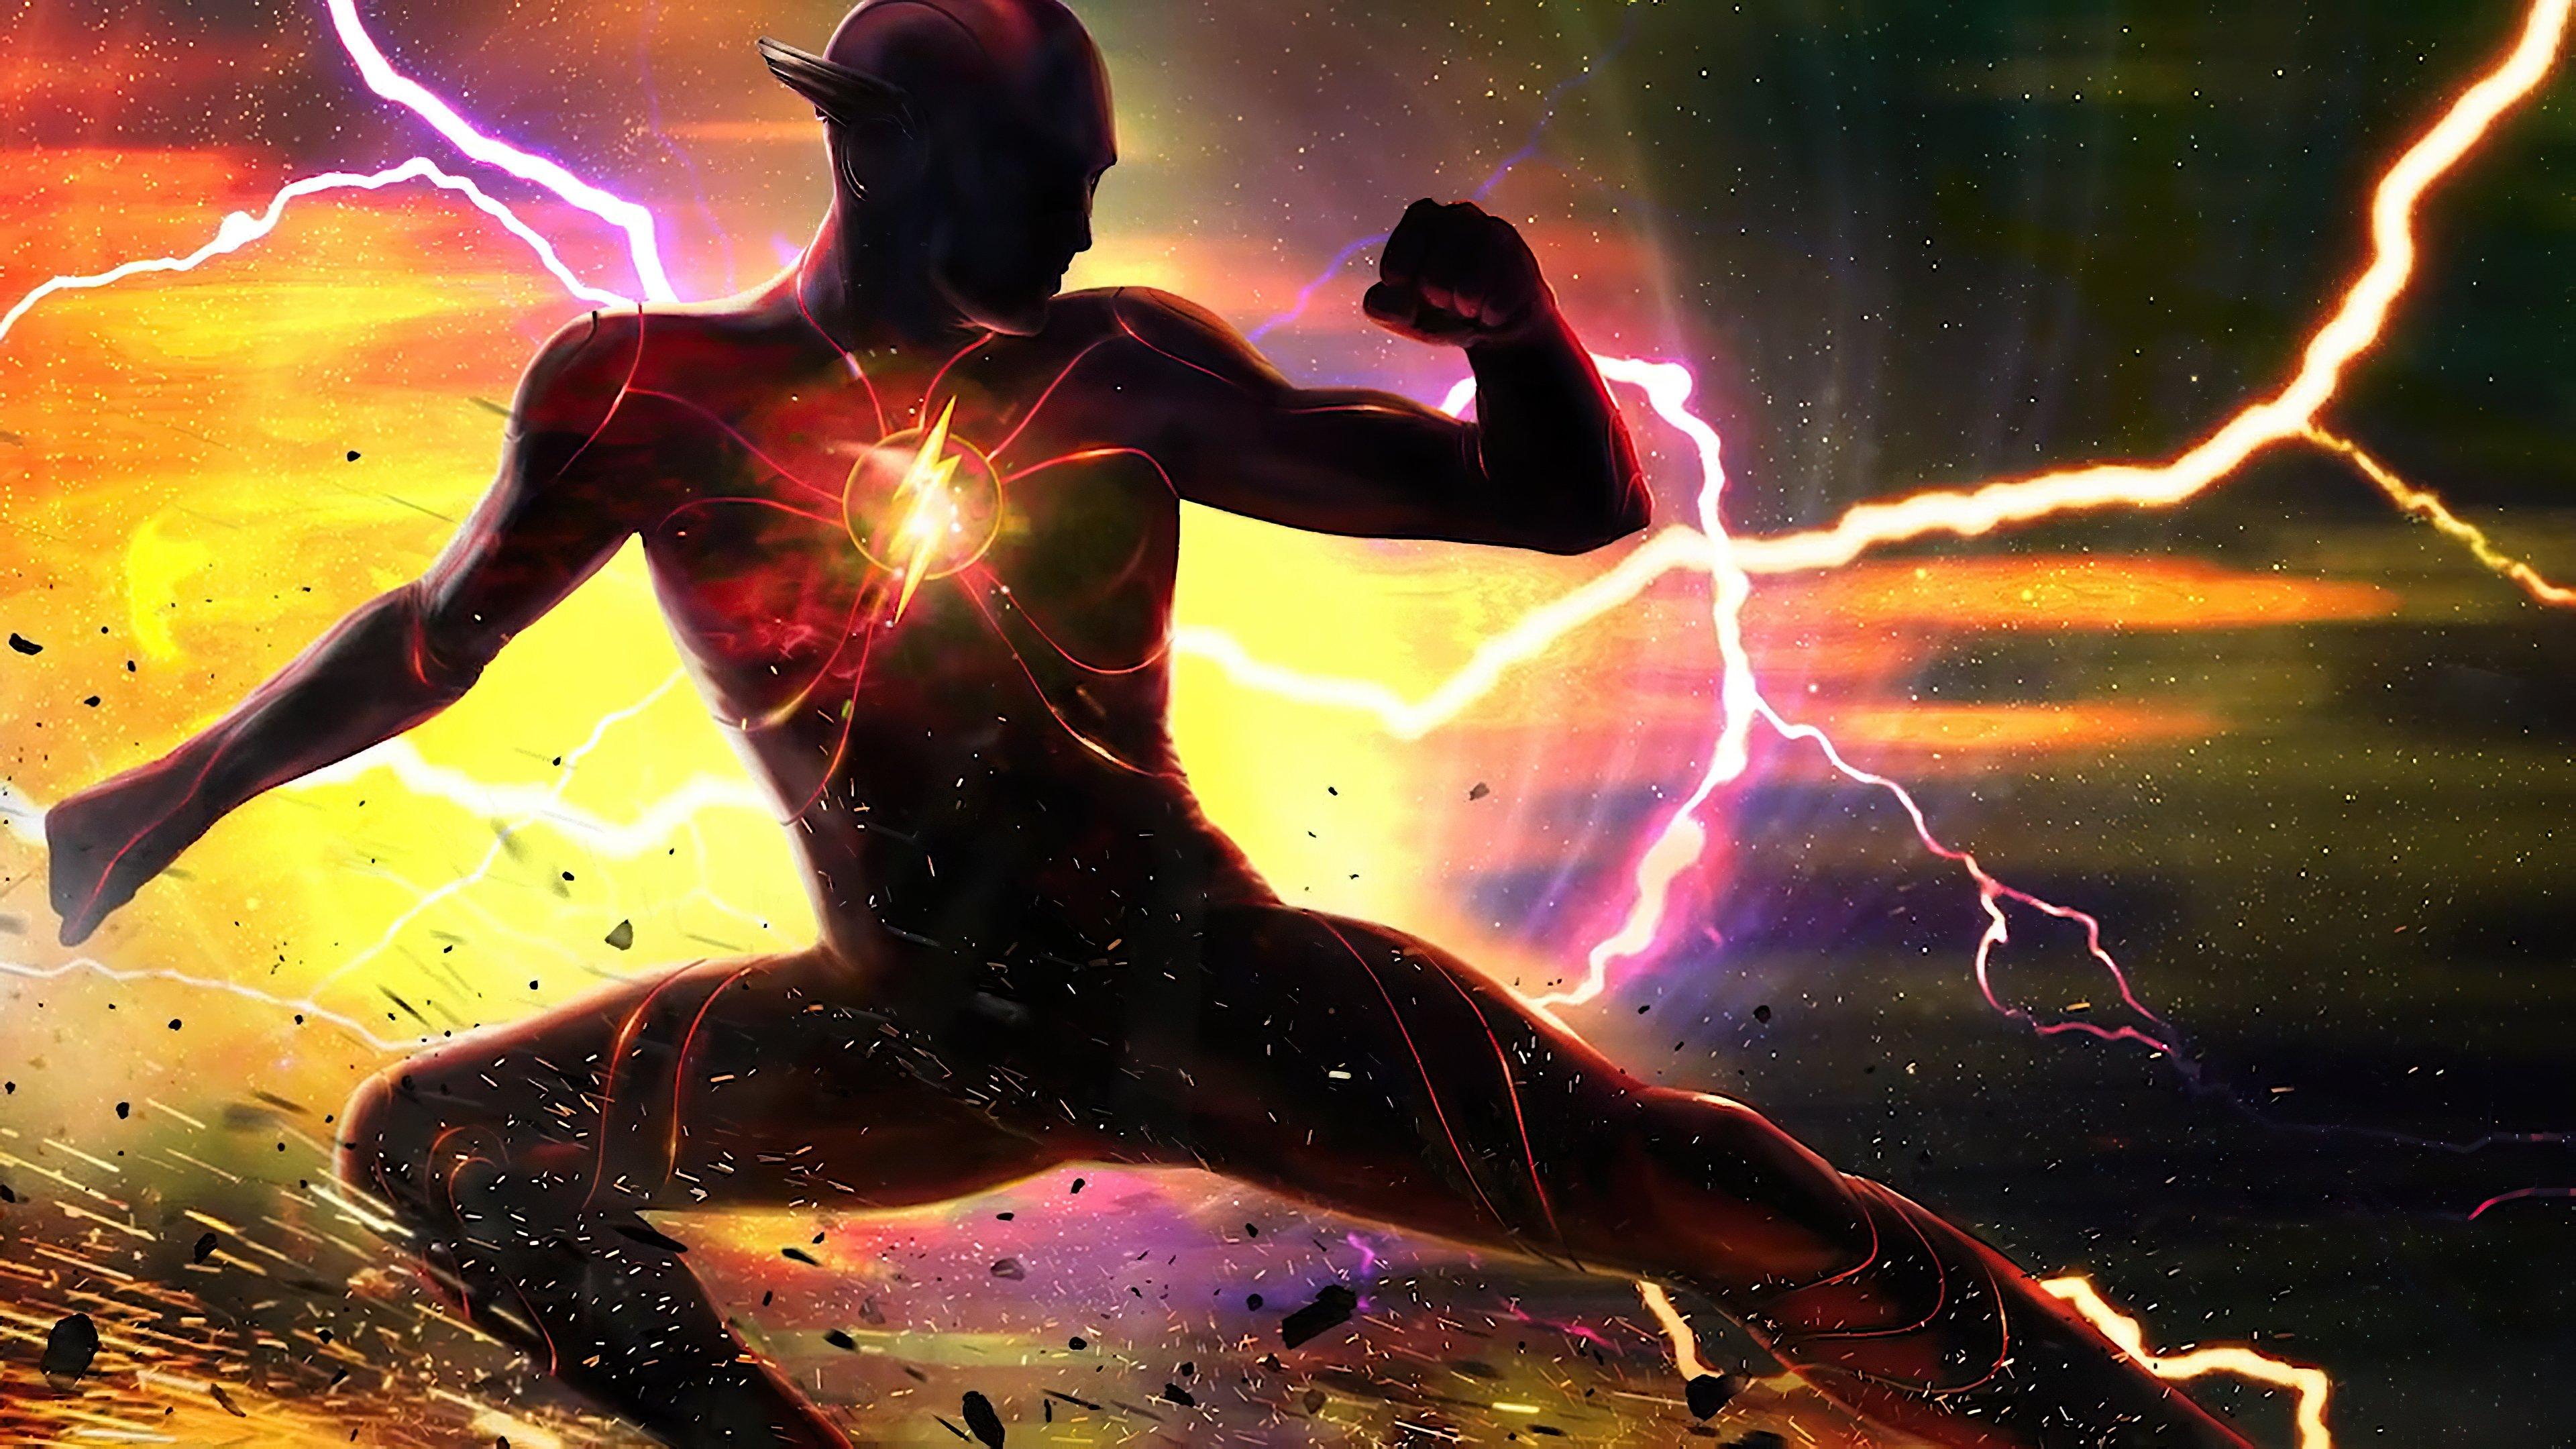 Fondos de pantalla Película The Flash